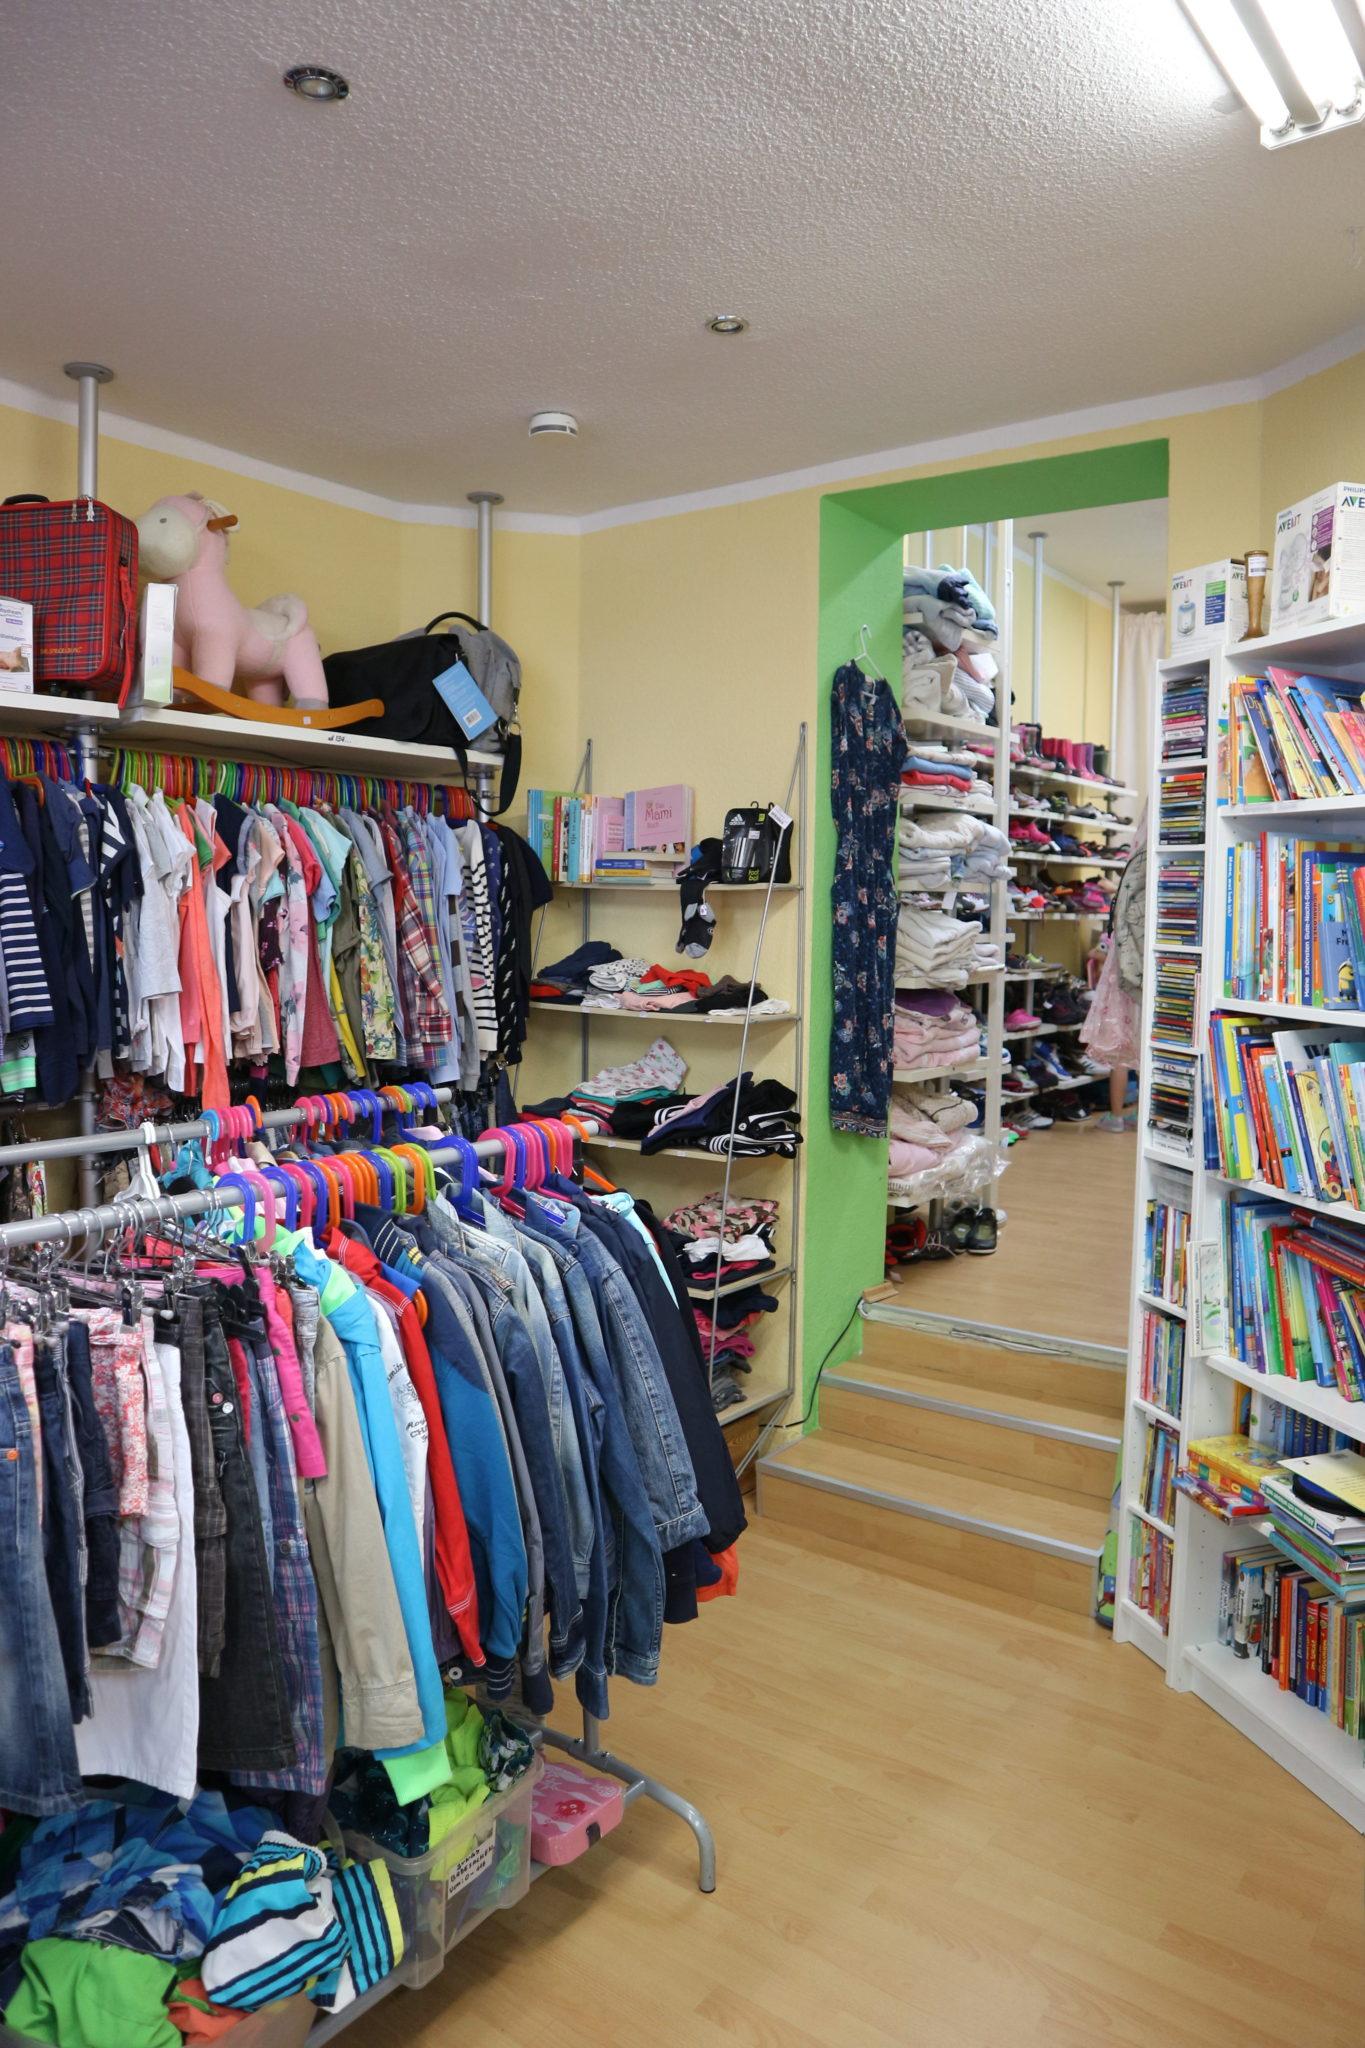 Tolle Auswahl: von Klamotten über Schuhe, Spiele, CDs und Bücher